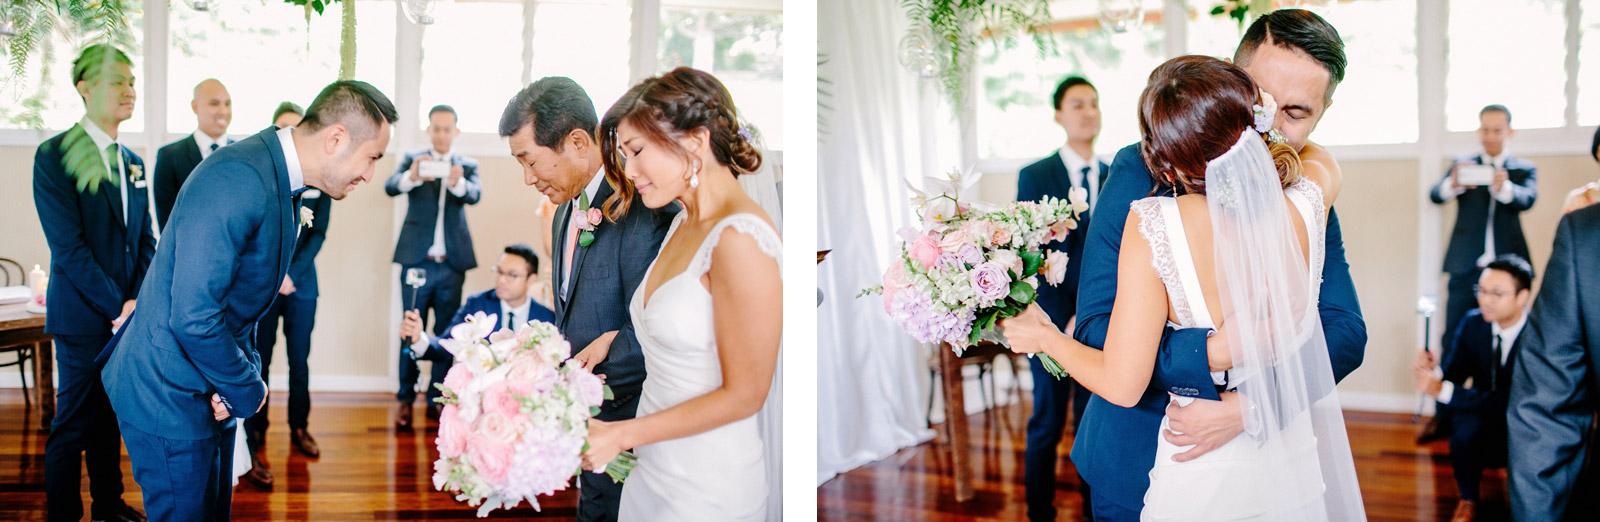 wedding-sonia-kev-042